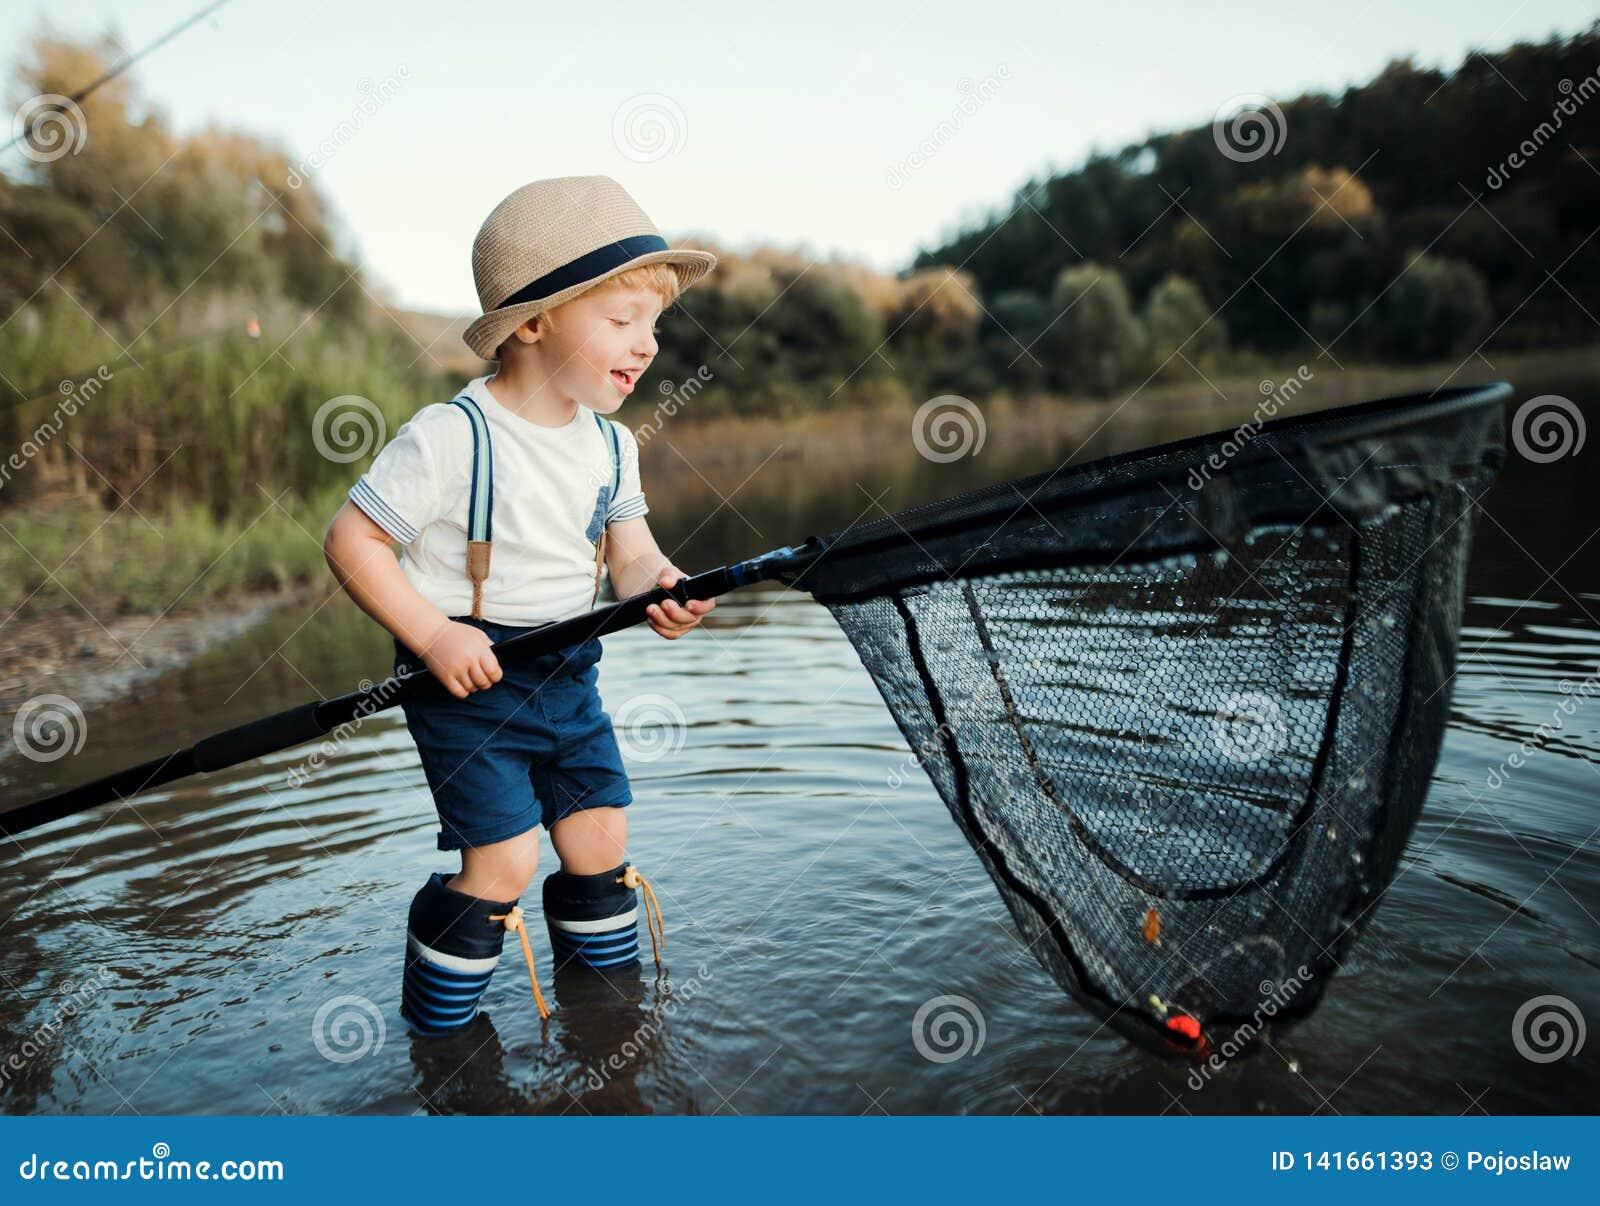 Eine kleine Kleinkindjungenstellung im Wasser und Halten eines Netzes durch einen See, fischend